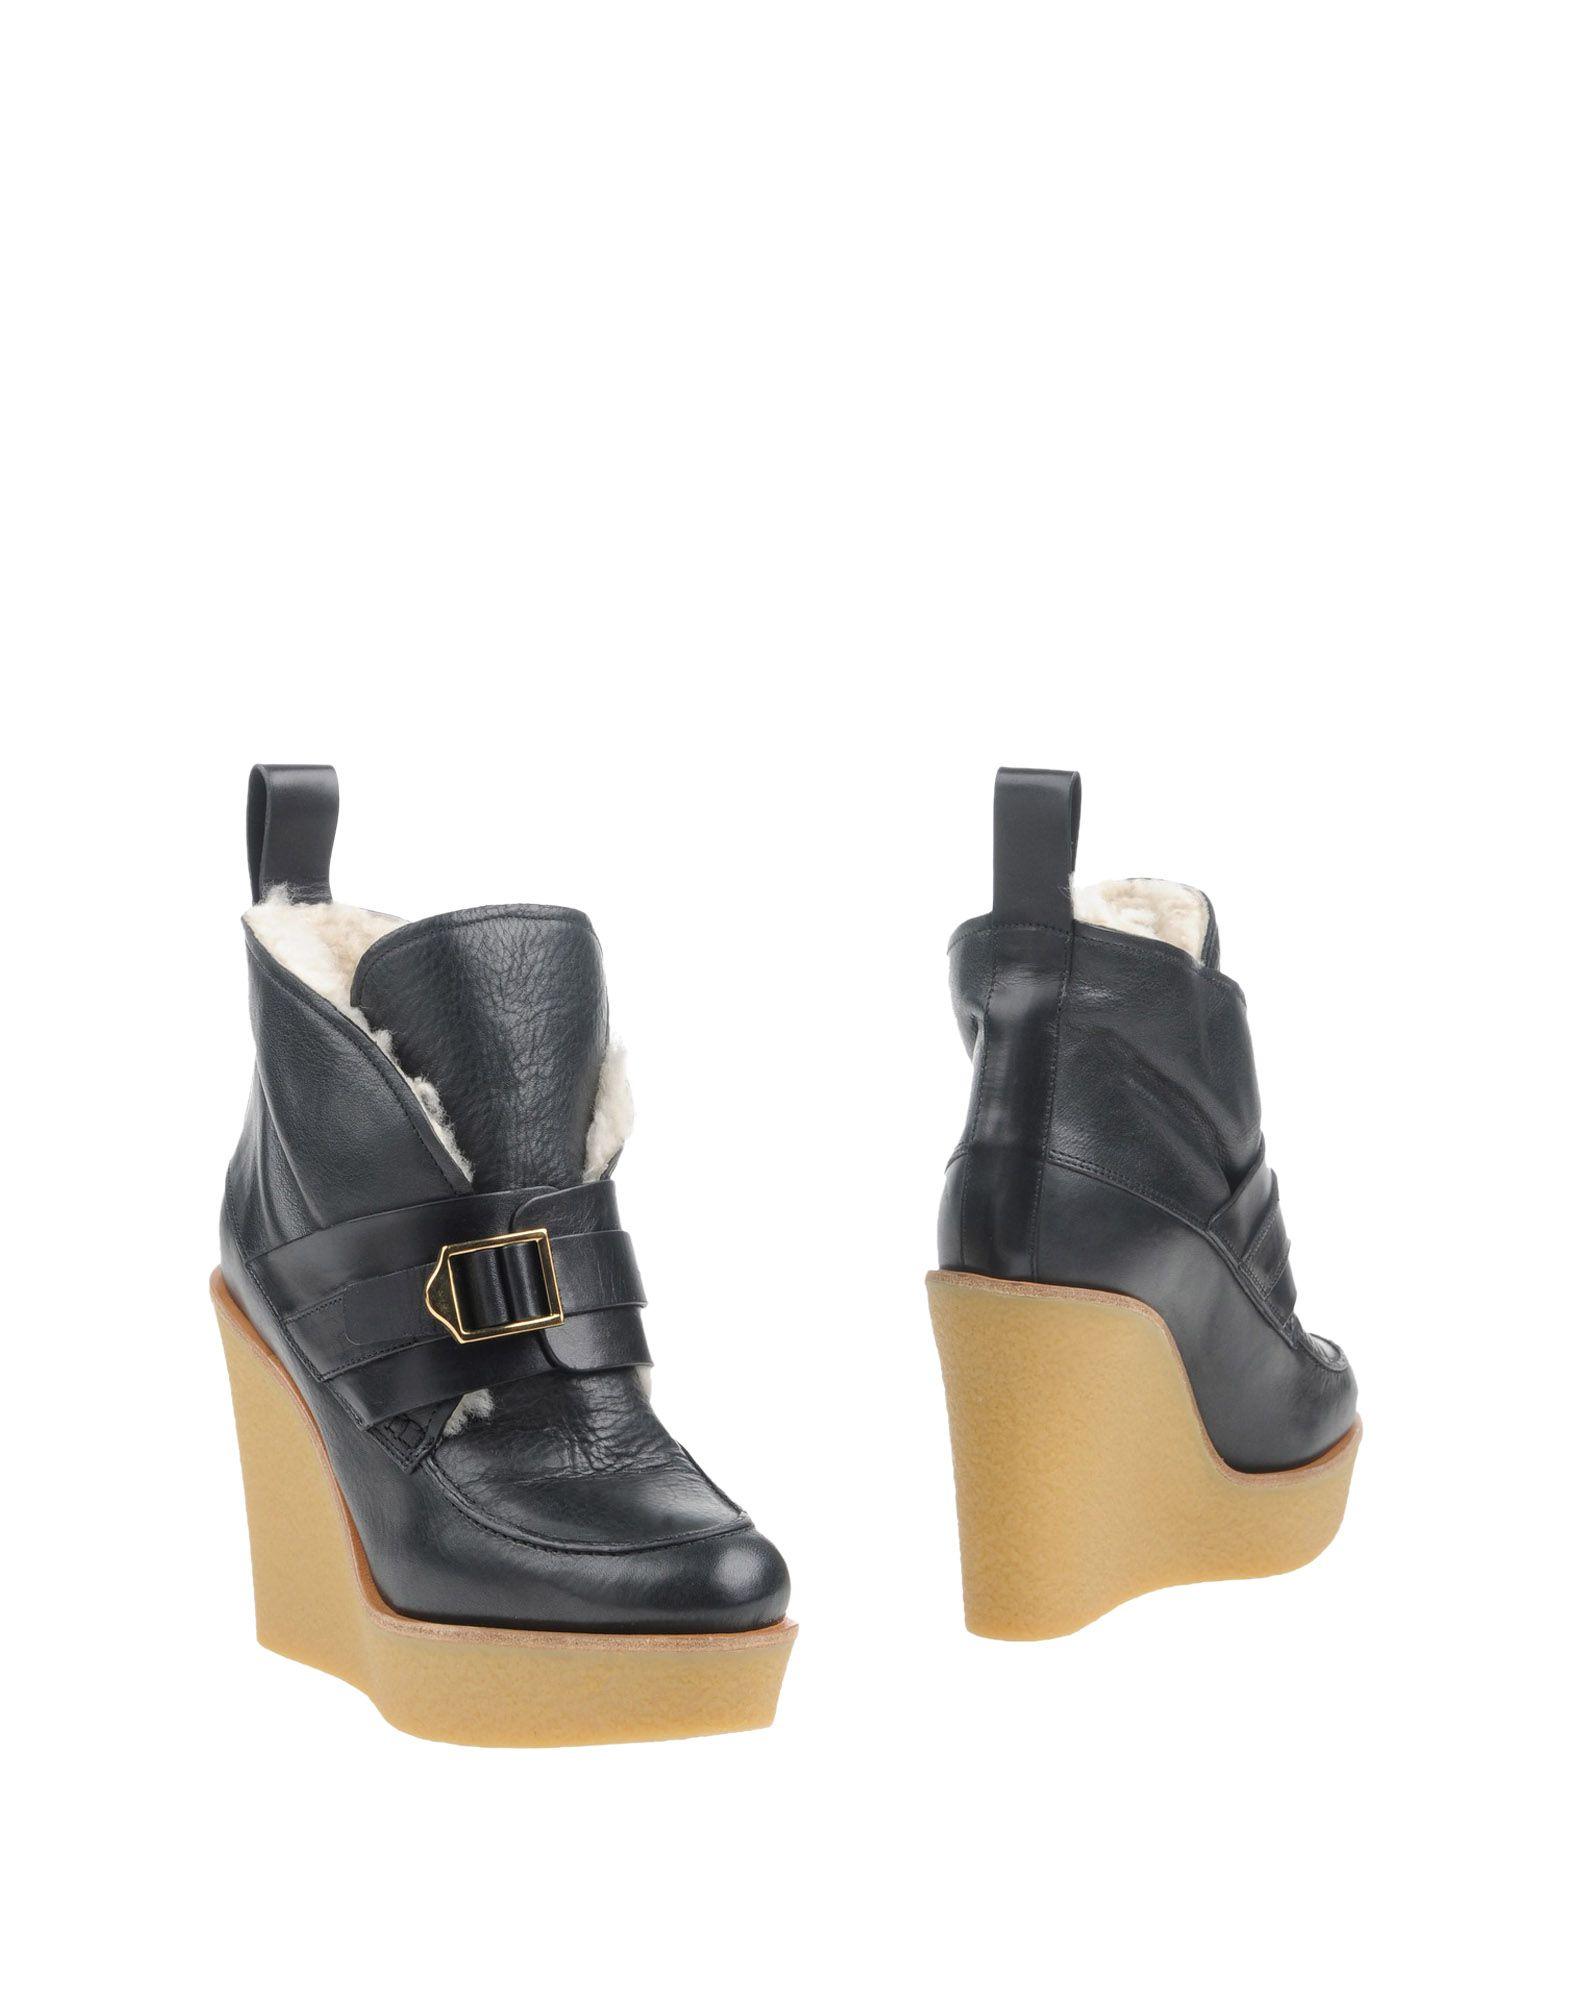 Chloé Stiefelette Damen  11236630DUGünstige gut aussehende Schuhe